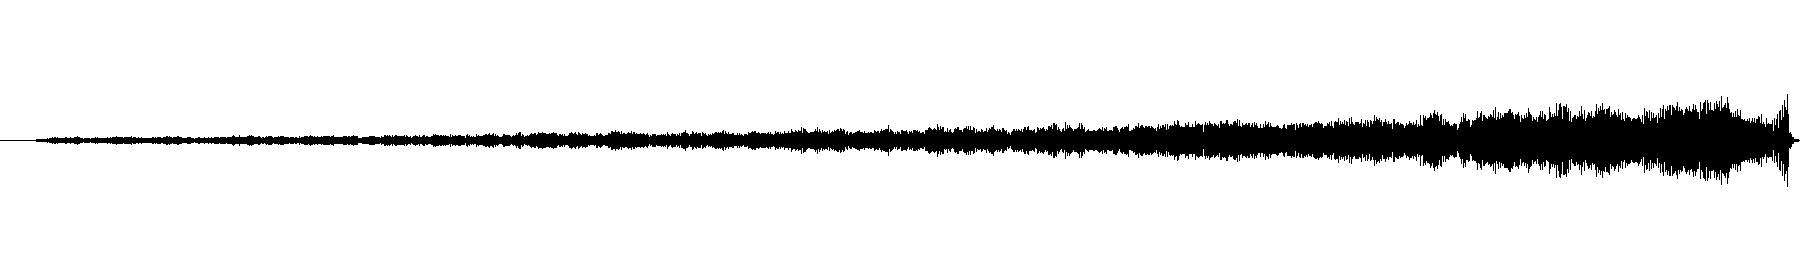 vocal chop 1 d major